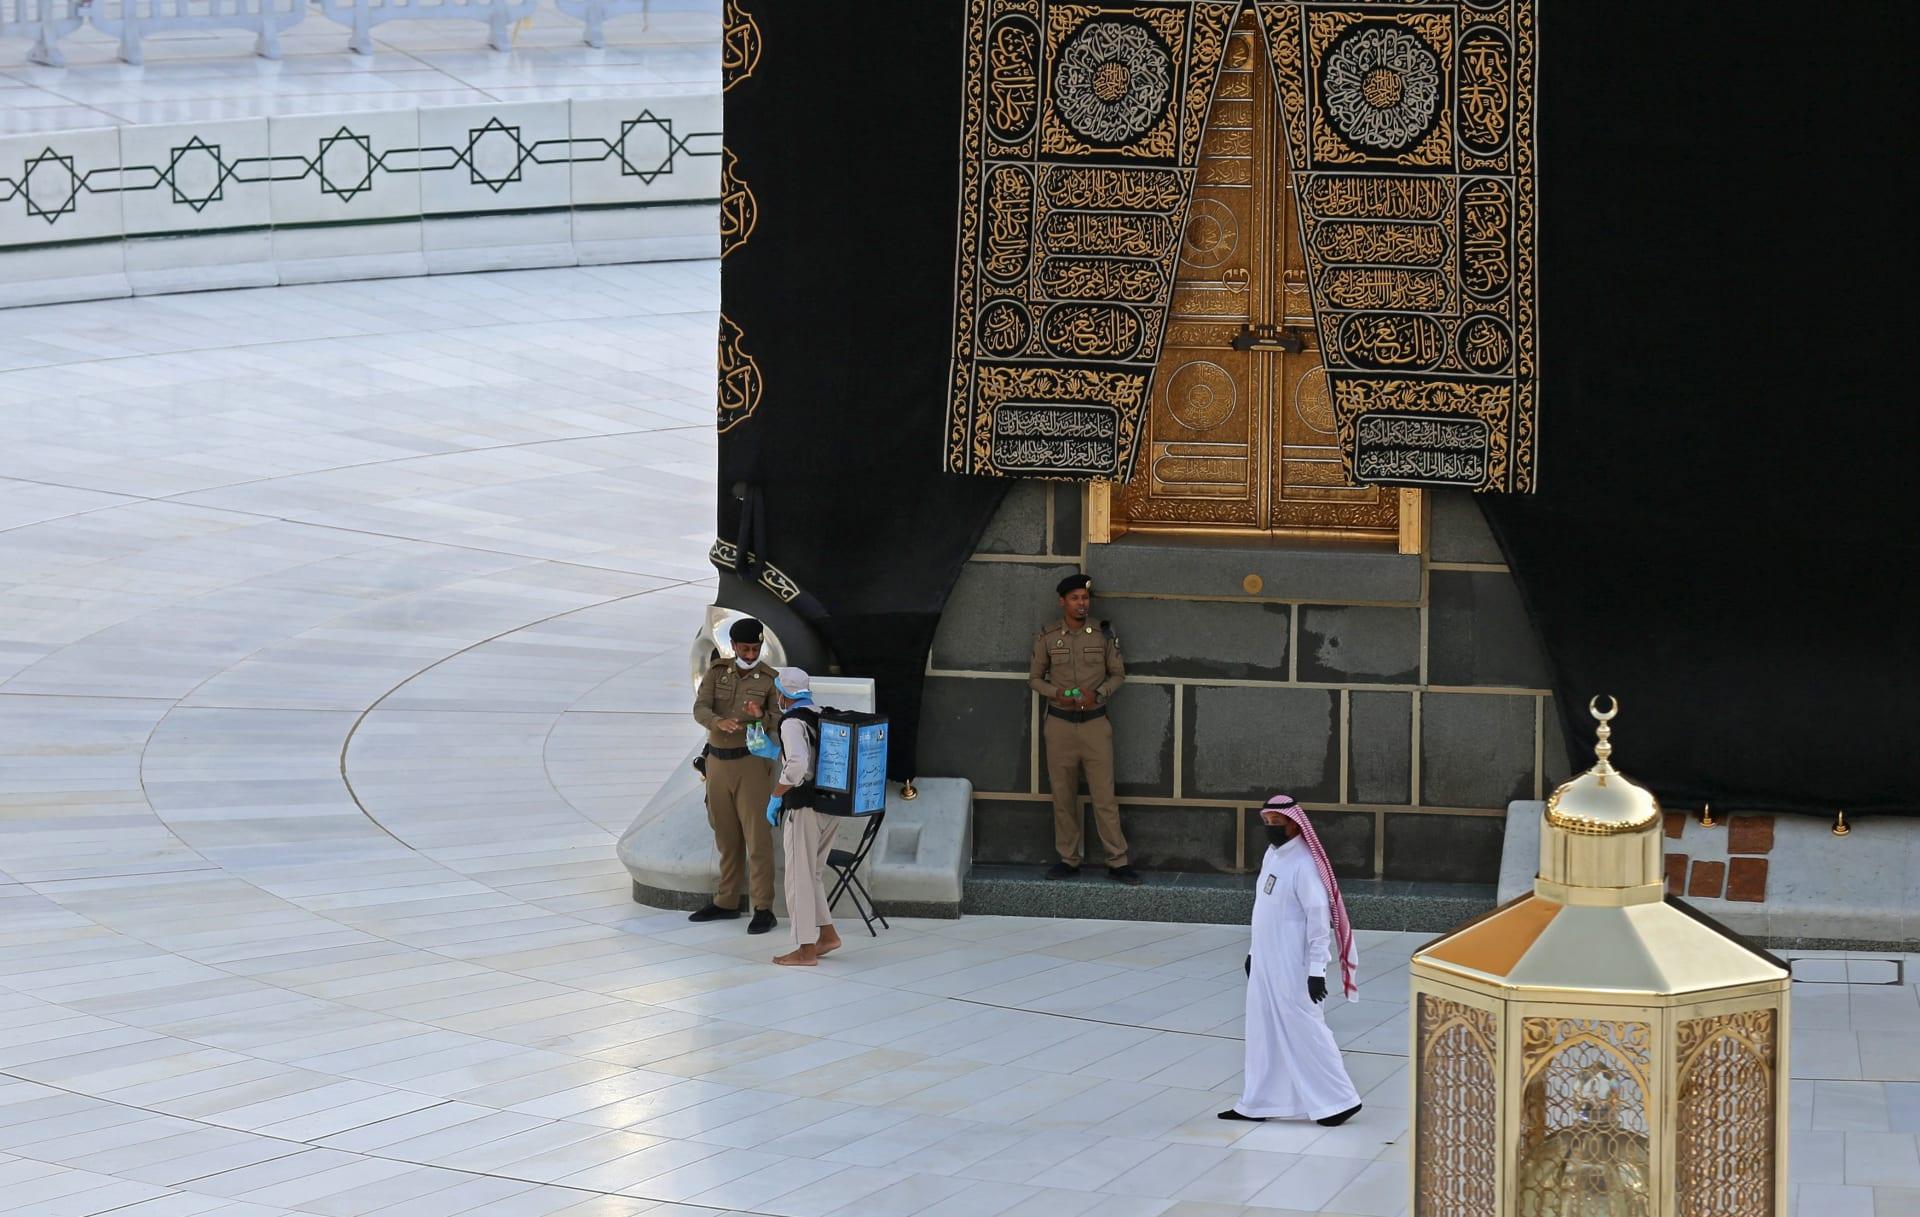 صورة أرشيفية لرجال أمن سعوديين قرب موضع الحجر الأسود